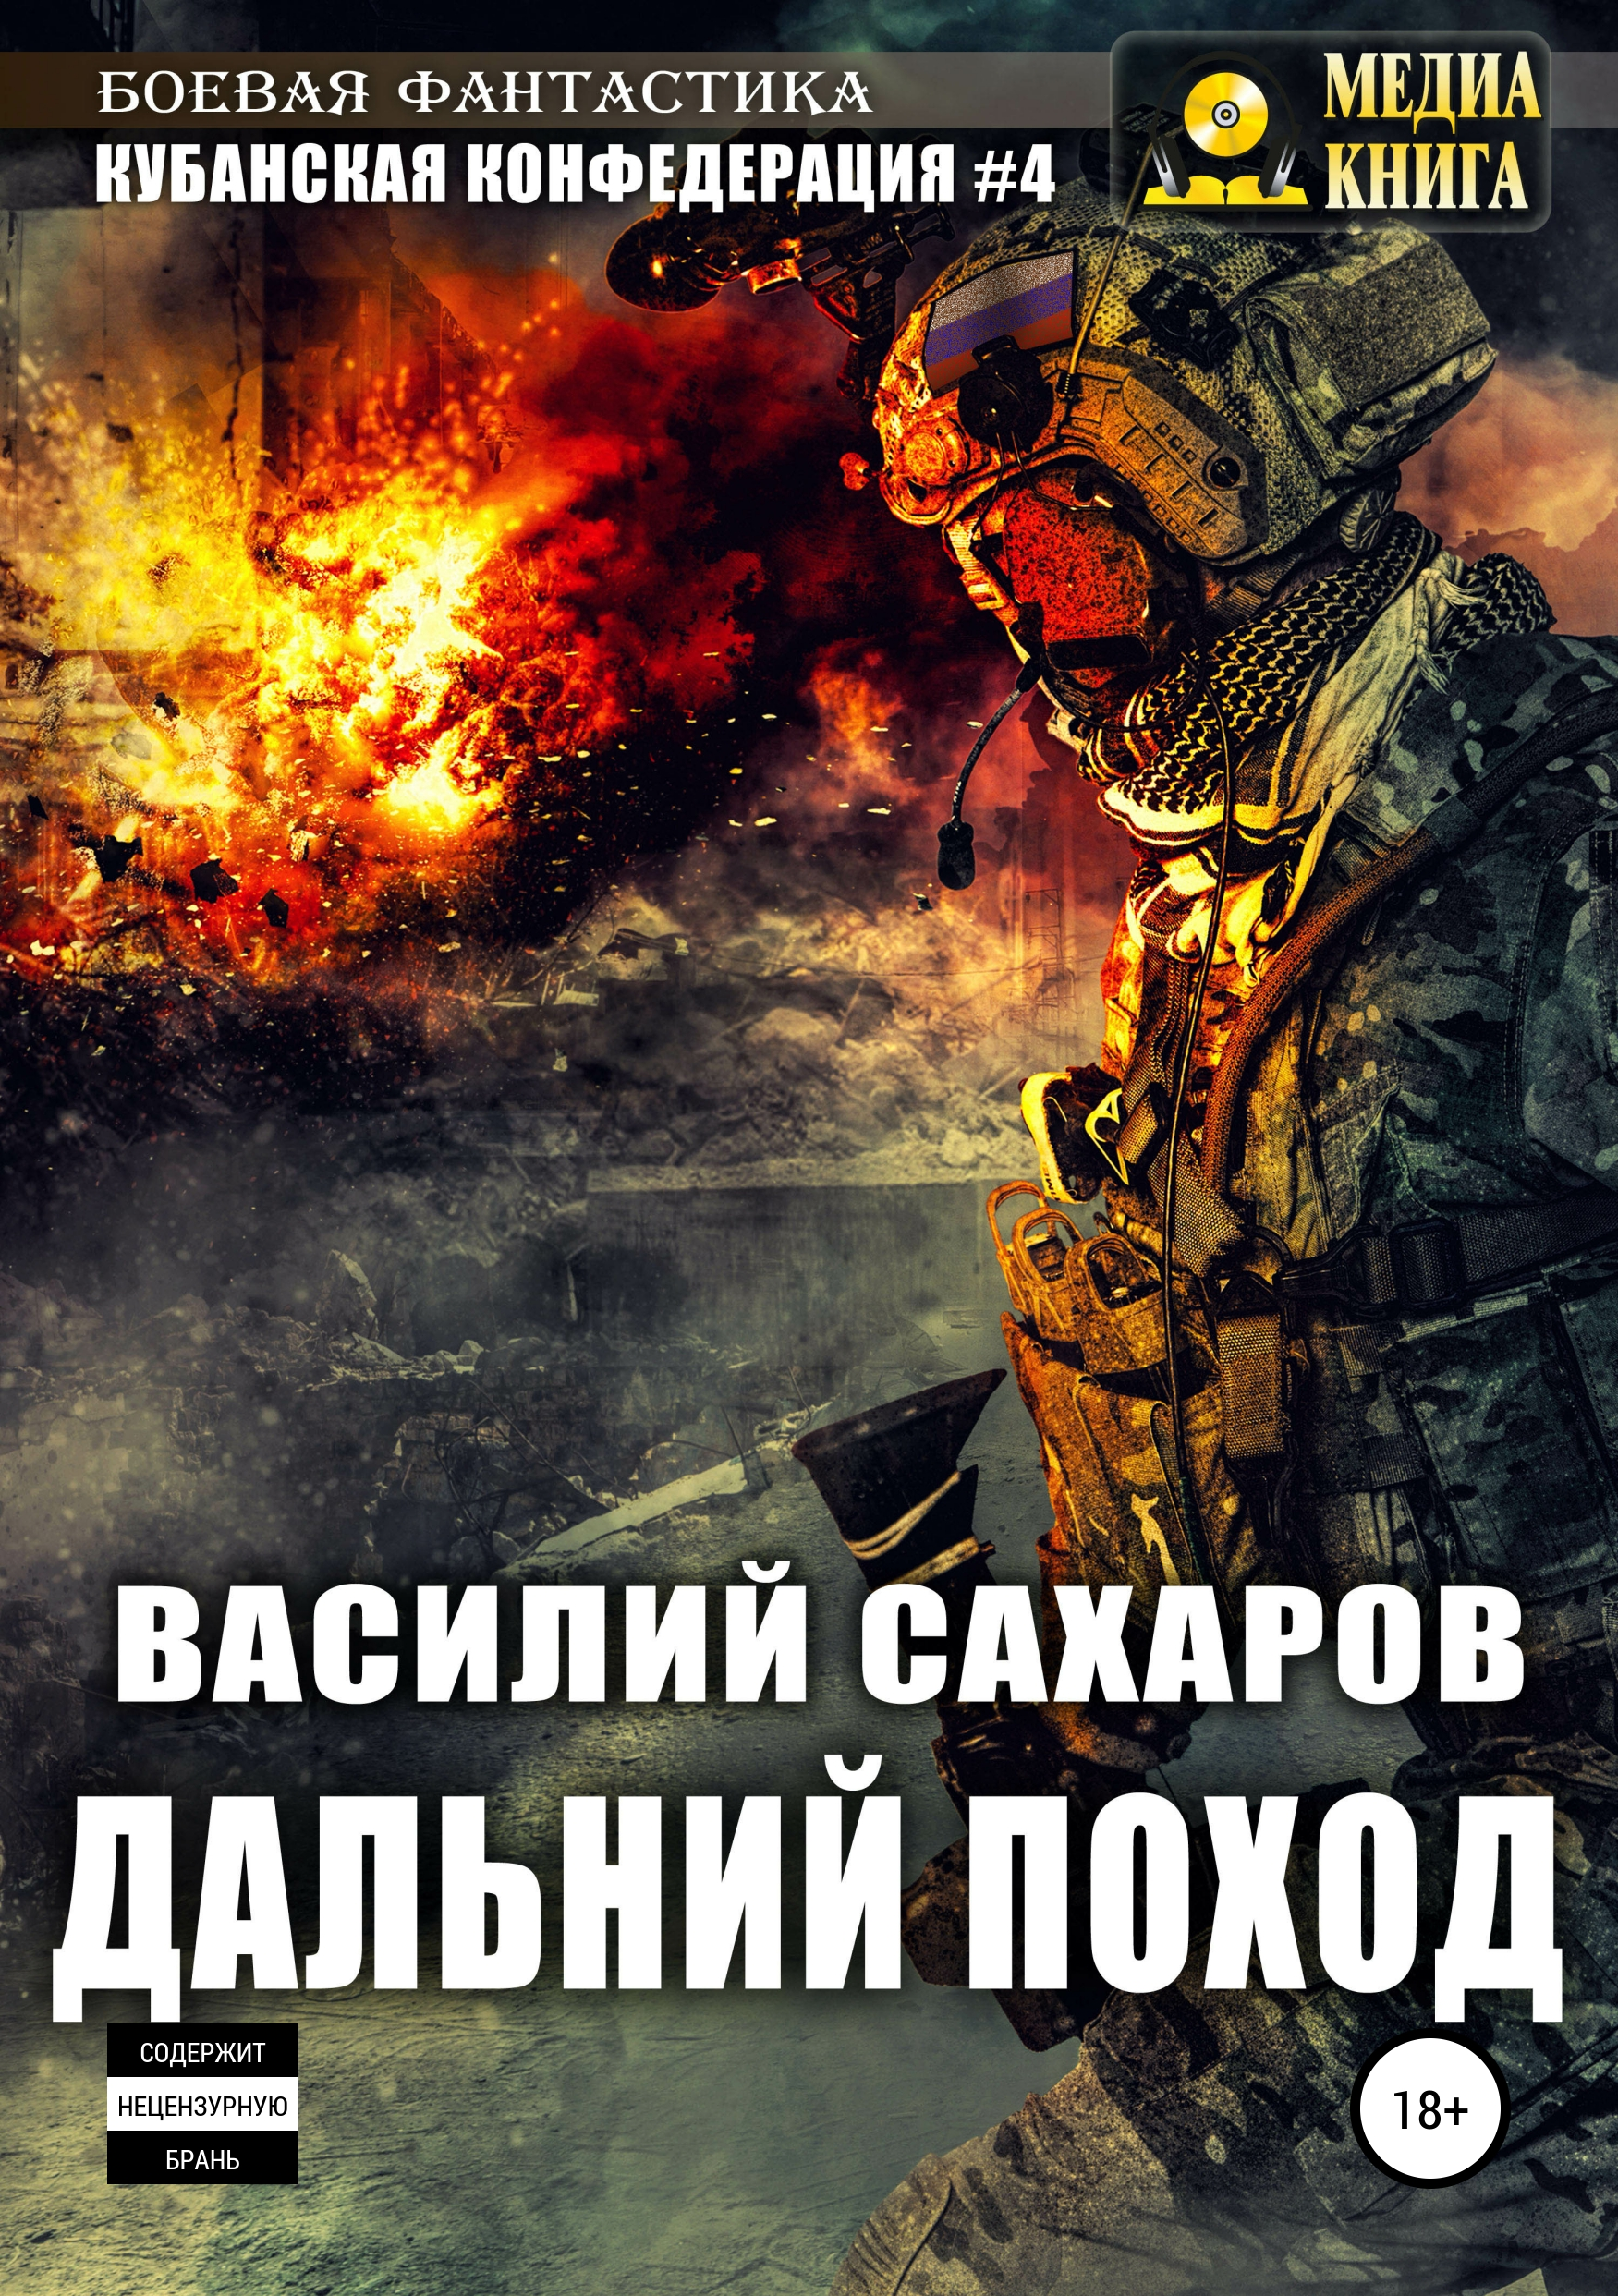 Василий Иванович Сахаров Кубанская Конфедерация 4. Дальний поход александр прозоров дальний поход